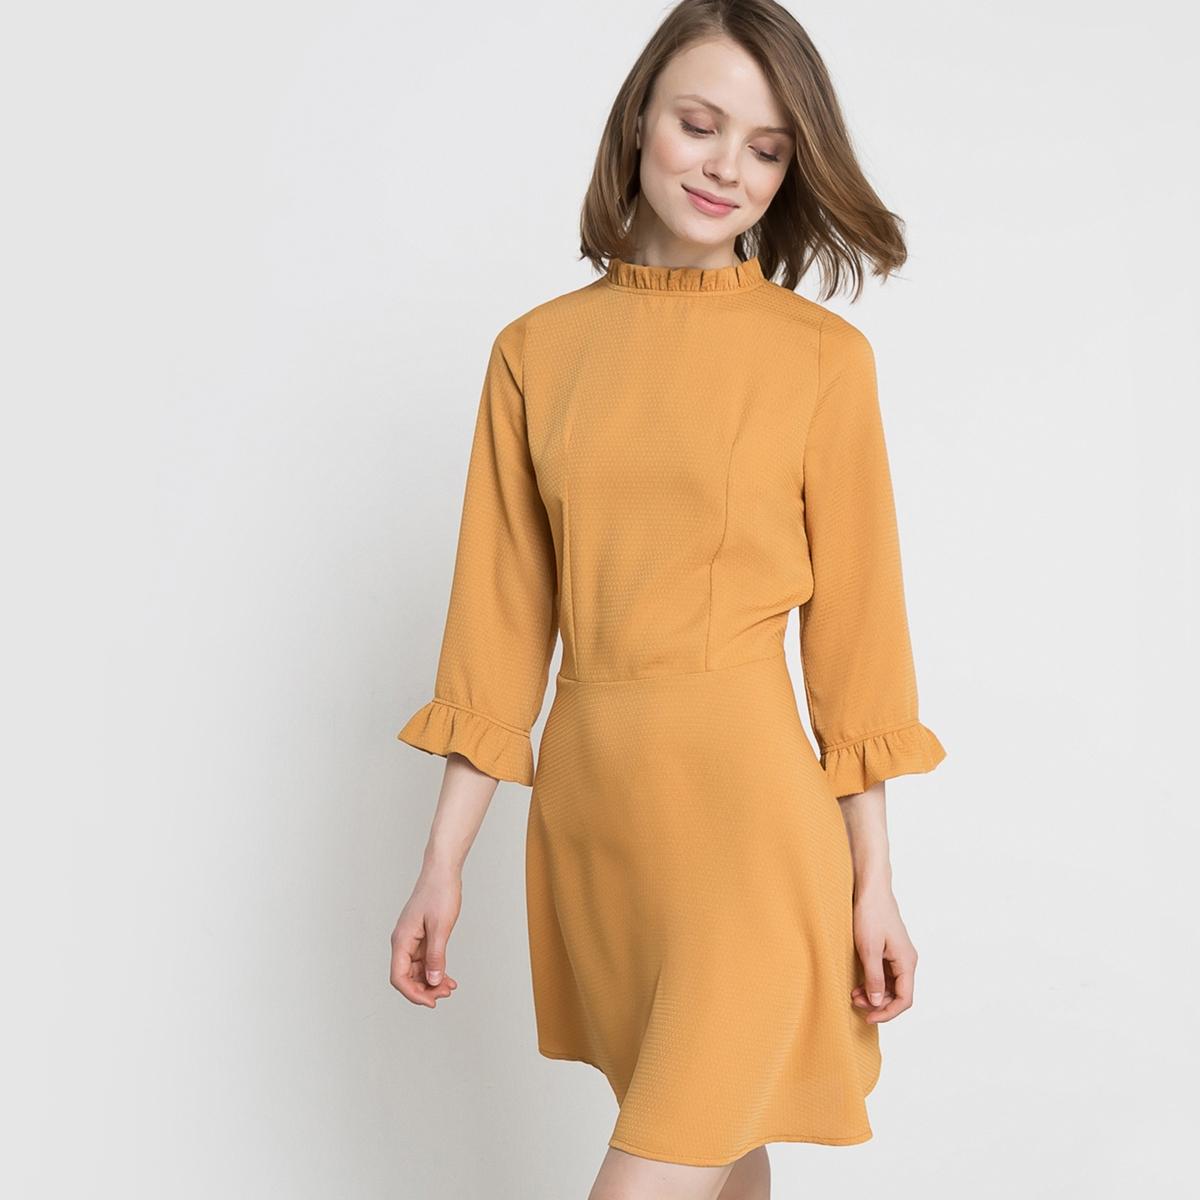 Платье с гофрированным эффектомПлатье с гофрированным эффектом. Небольшой викторианский воротник  . Рукава 3/4 с воланом снизу. Отрезное по талии. Вырез-капелька с застежкой на пуговицу сзади.Состав и описание : Материал: 100% полиэстераДлина 90 смМарка: Mademoiselle R. Уход :Машинная стирка при 30 °C с вещами схожих цветов.Стирка и глажка с изнаночной стороны..Машинная сушка на умеренном режиме..Гладить на низкой температуре..<br><br>Цвет: охра,темно-синий<br>Размер: 44 (FR) - 50 (RUS).42 (FR) - 48 (RUS).44 (FR) - 50 (RUS)